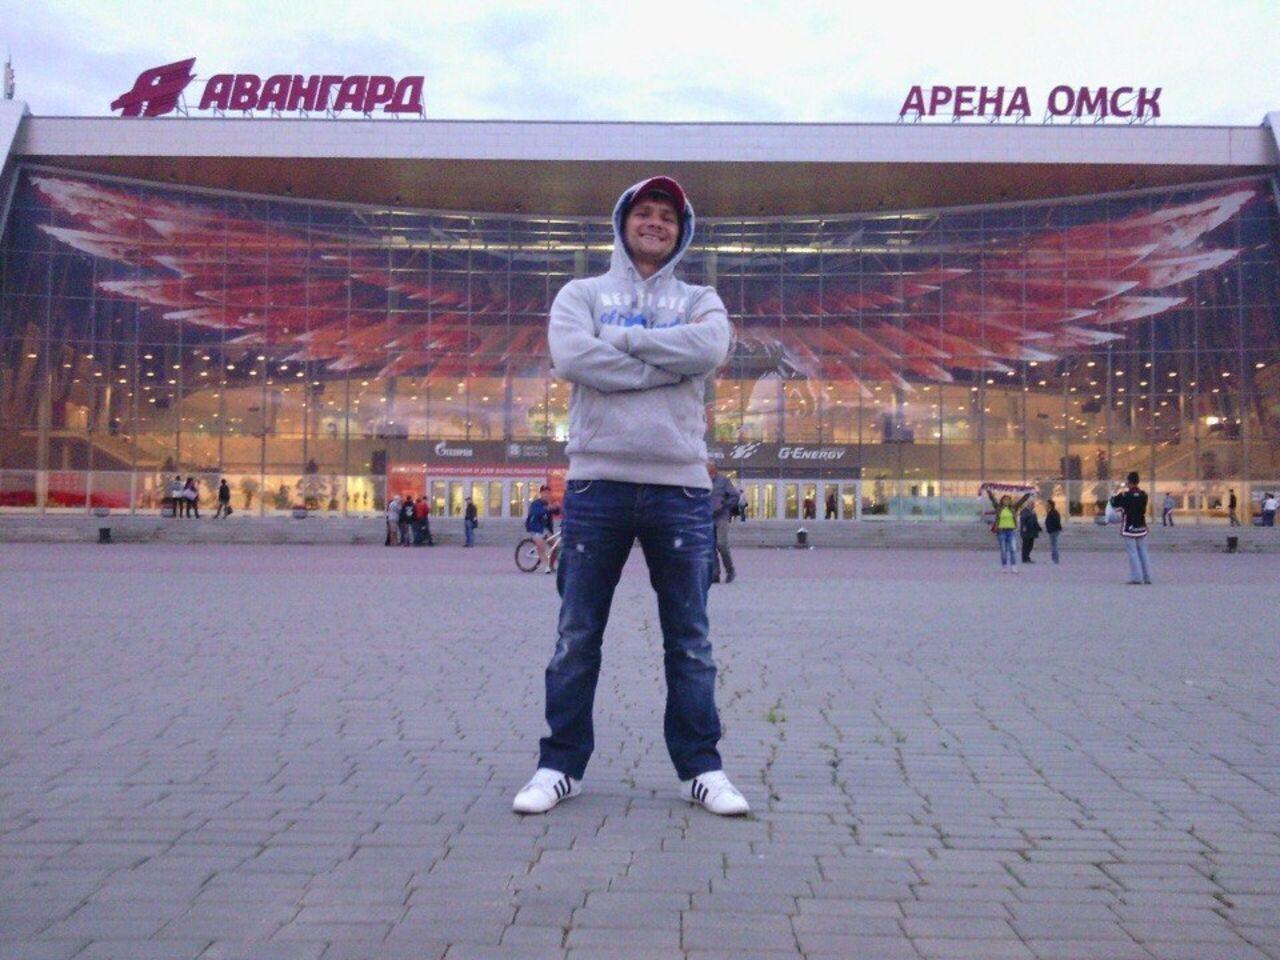 ВОмске собирают деньги налечение поклонника клуба «Авангард»